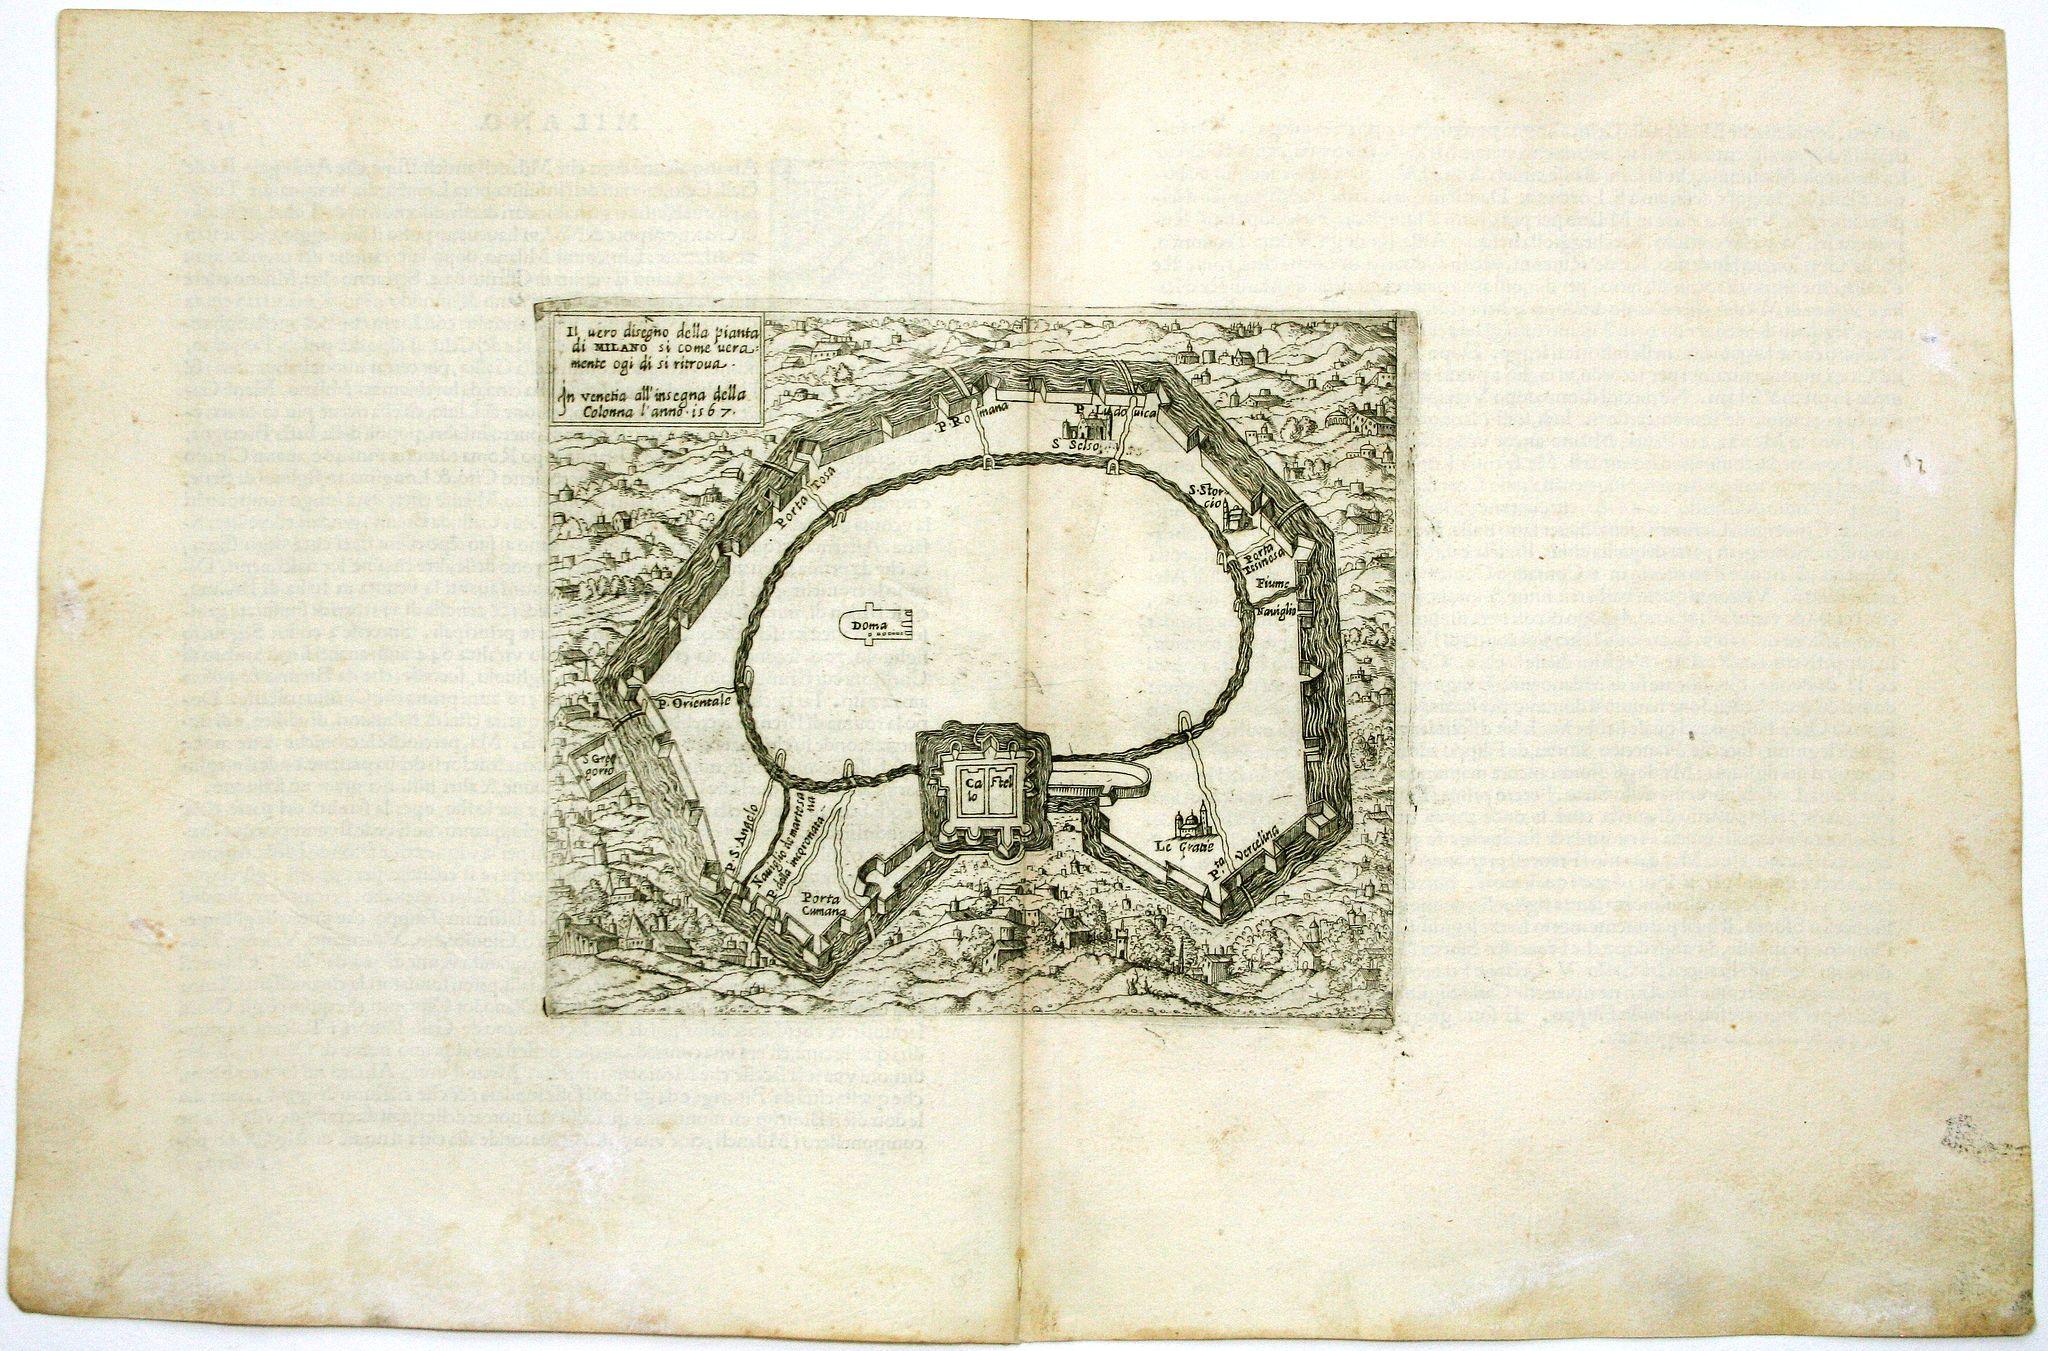 FORLANI, P. / BALLINO, G. -  Il vero disegno della pianta di Milano si come veramente oggi di' si ritrova 1567.